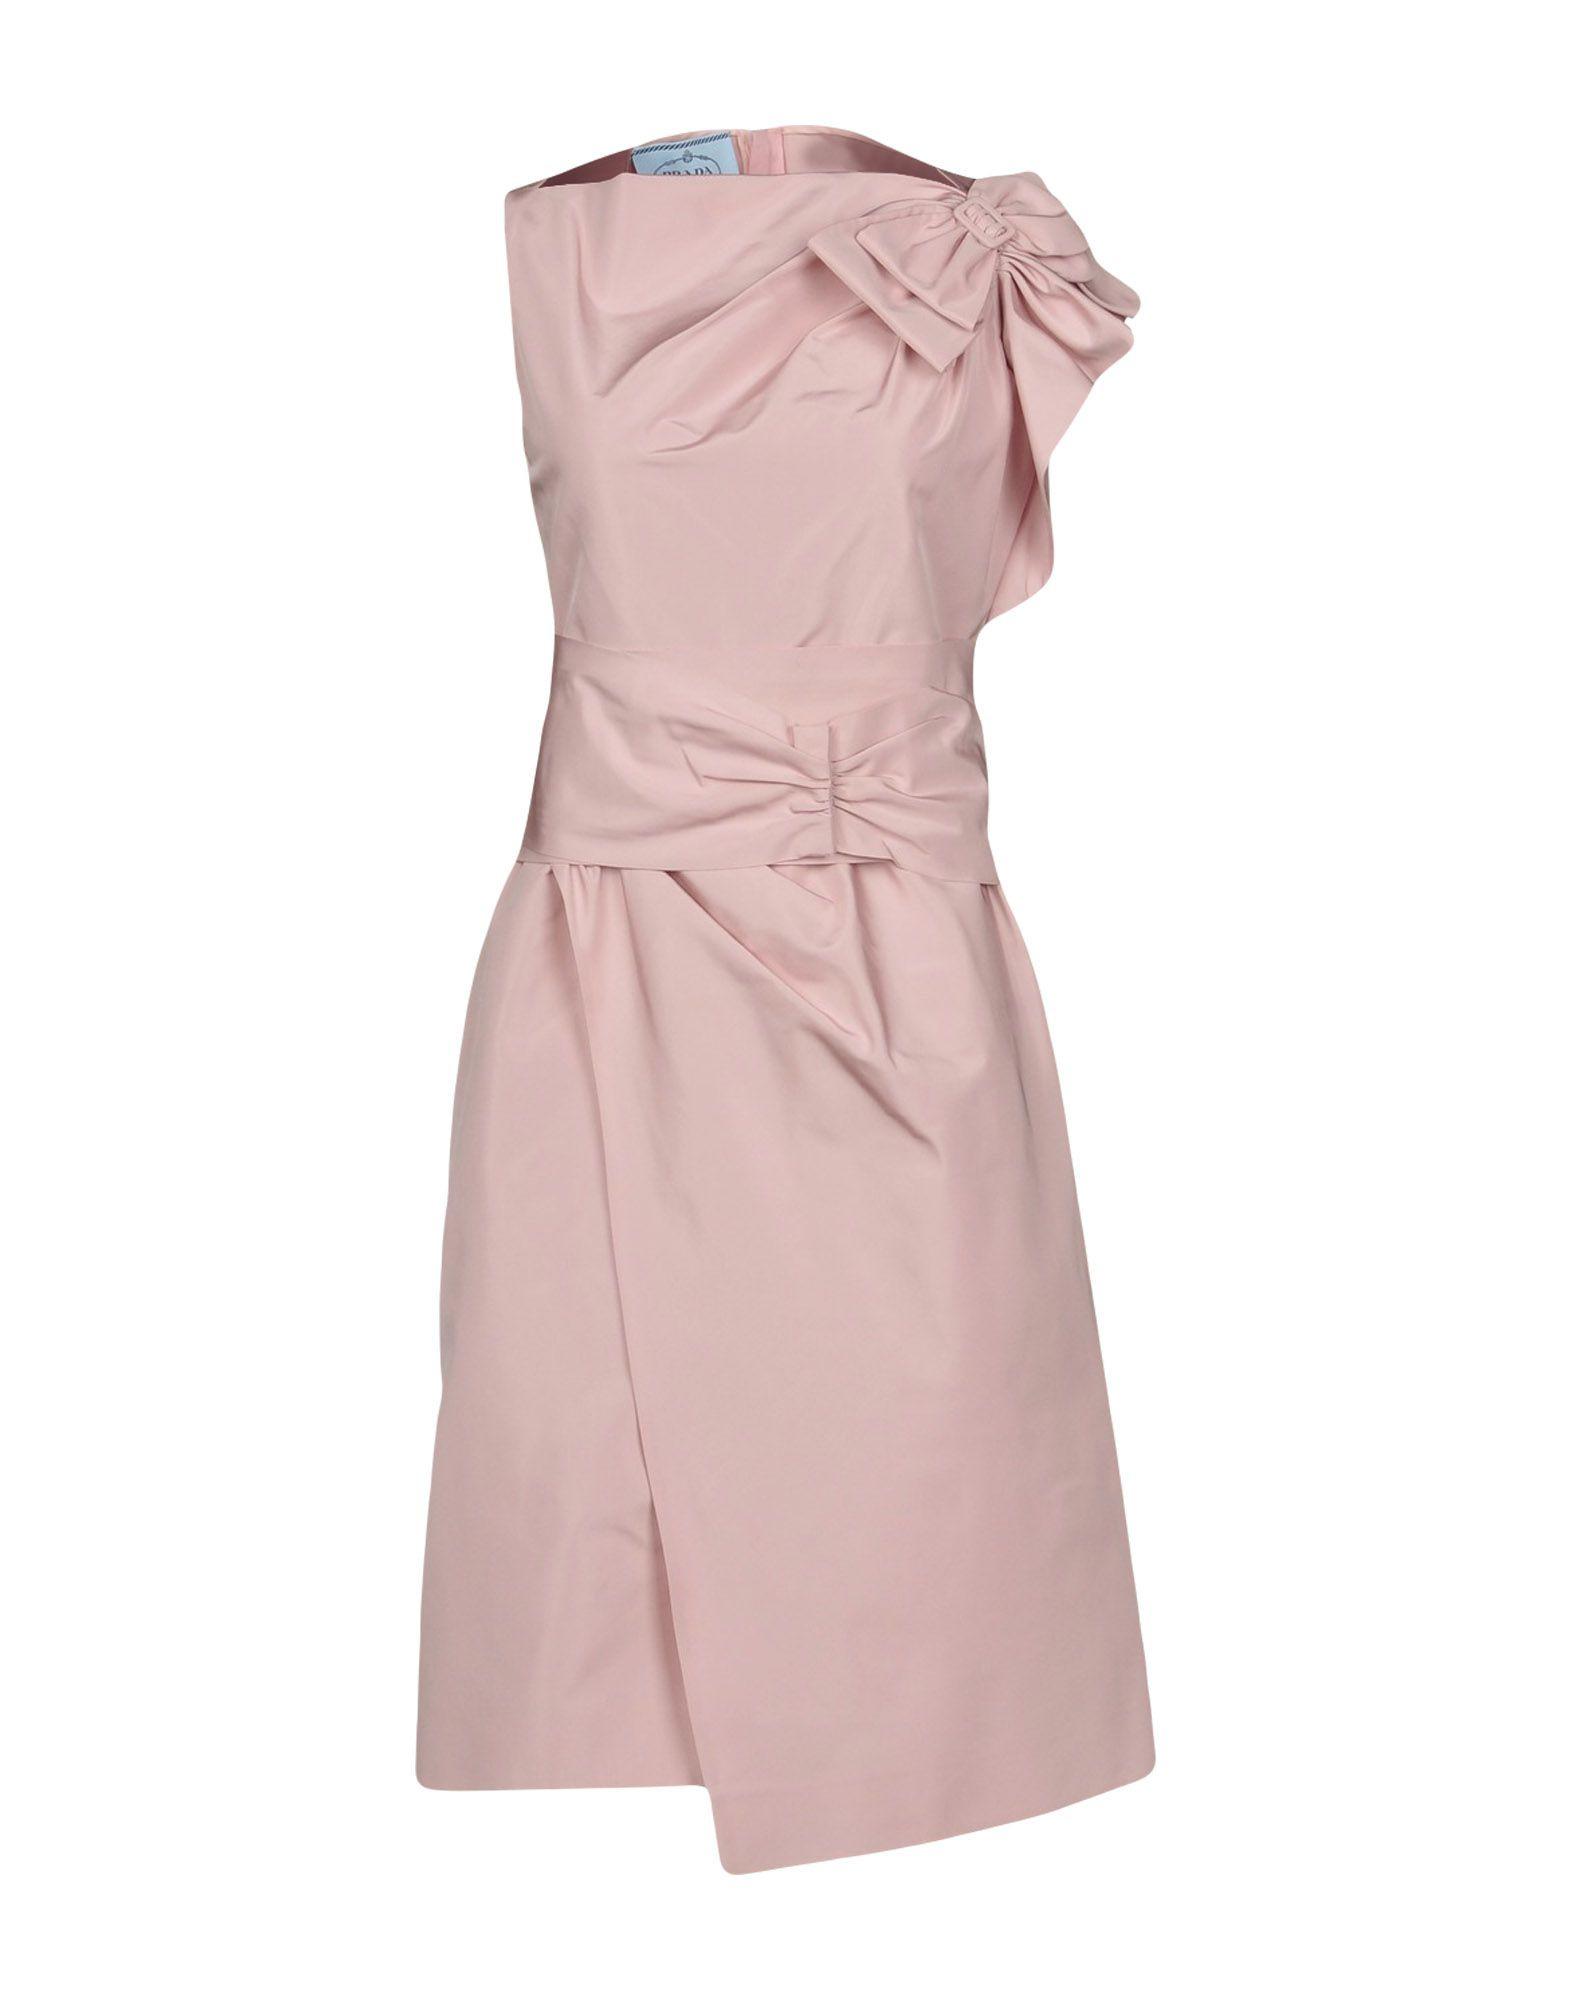 10 Wunderbar Abendkleid Yoox Bester Preis17 Großartig Abendkleid Yoox Vertrieb